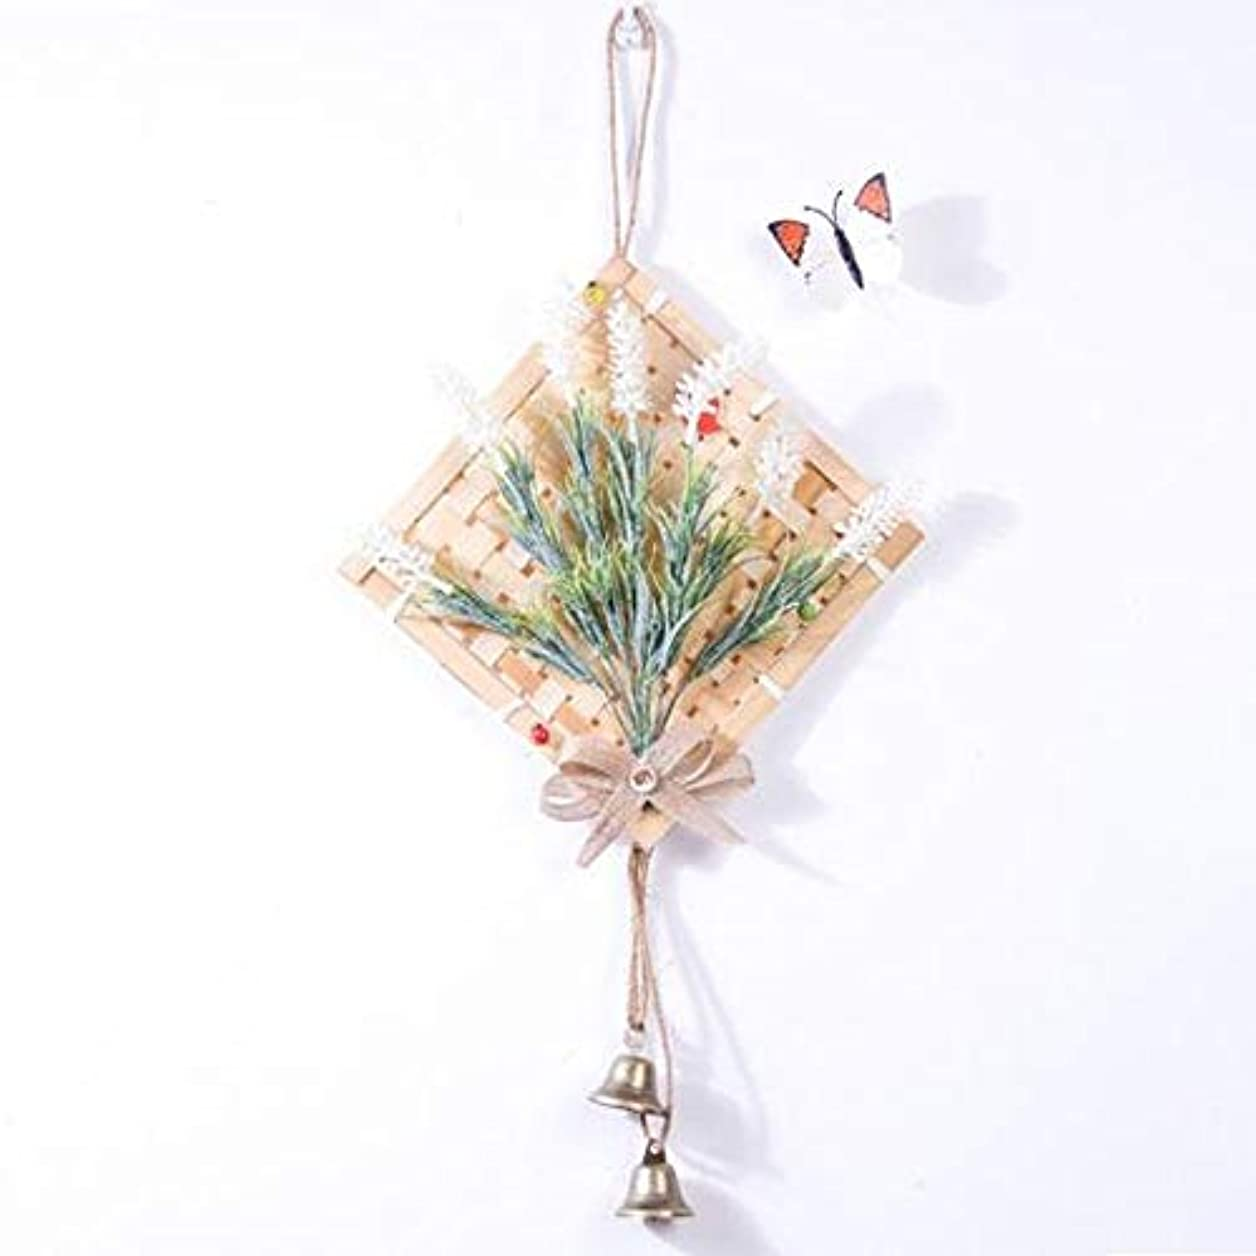 香水モザイク素晴らしさYougou01 風チャイム、クリエイティブ?竹風チャイム、白、幅28.5cmくらい 、創造的な装飾 (Color : White)